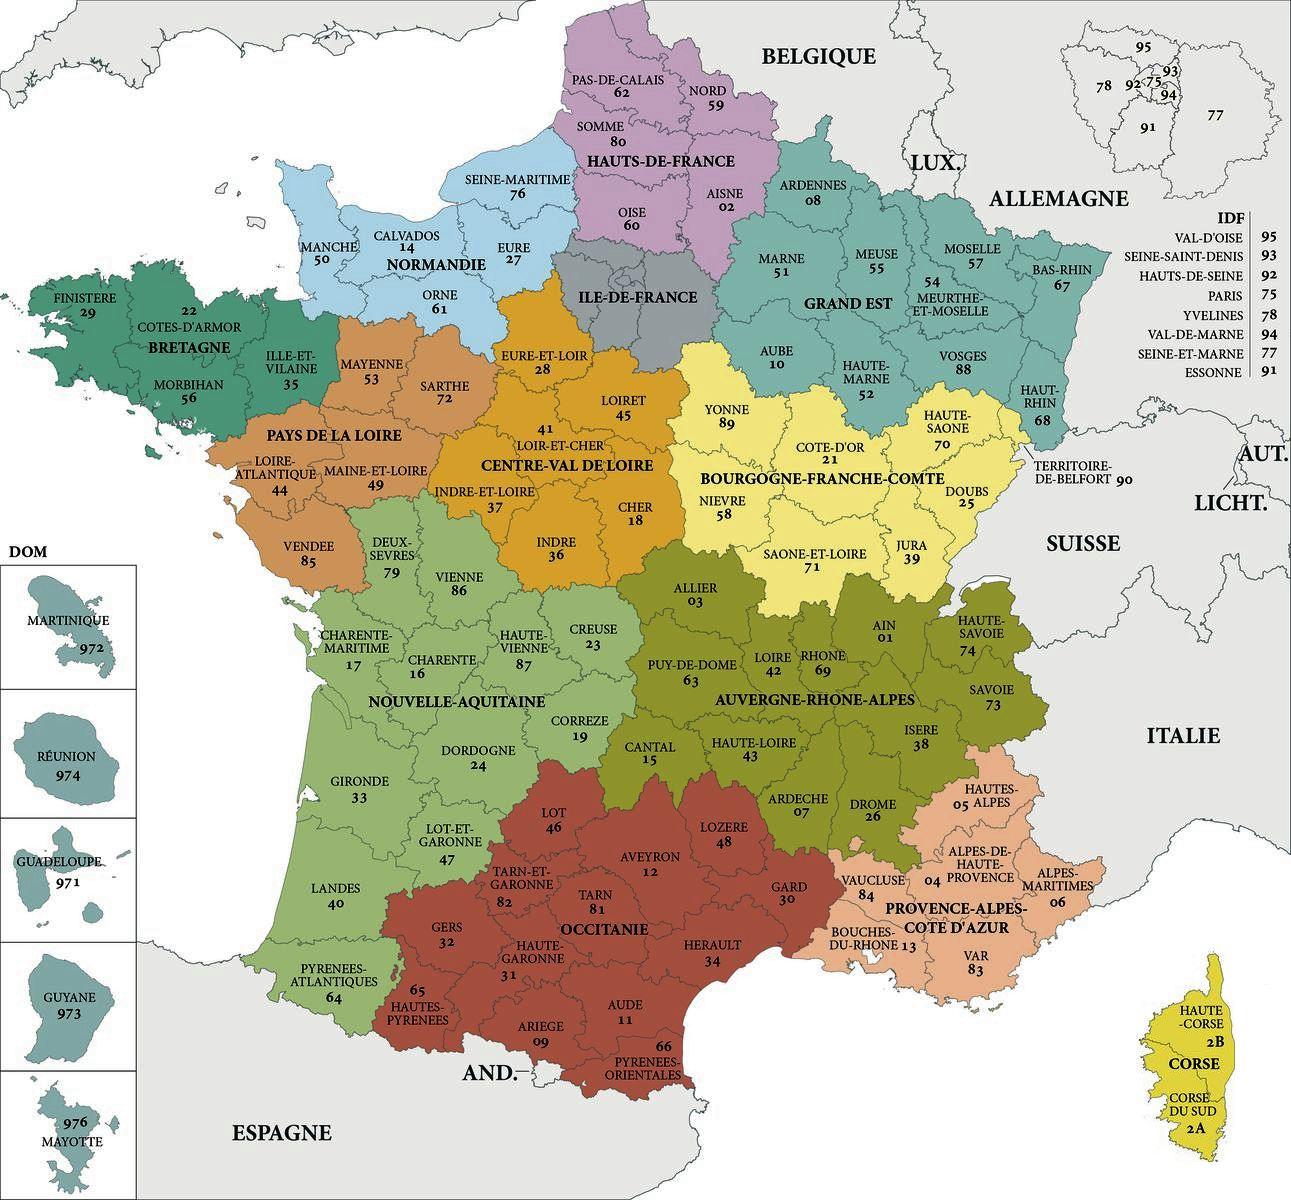 Carte De France Departements : Carte Des Départements De France destiné Les Nouvelles Régions De France Et Leurs Départements